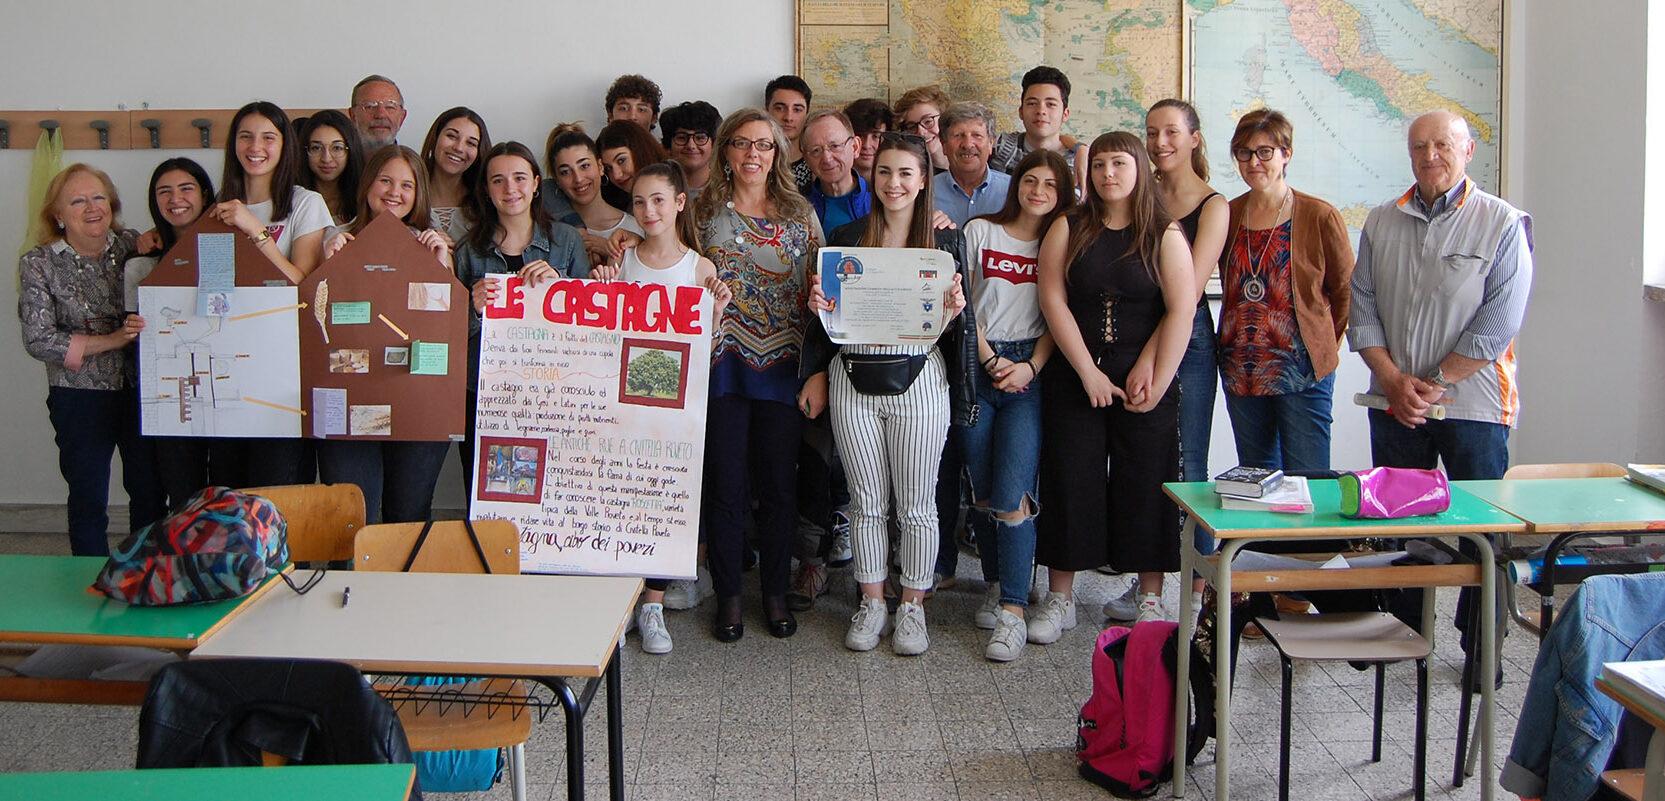 Il Cammino dell'Accoglienza una pergamena in ricordo agli studenti del Liceo Classico di Avezzano